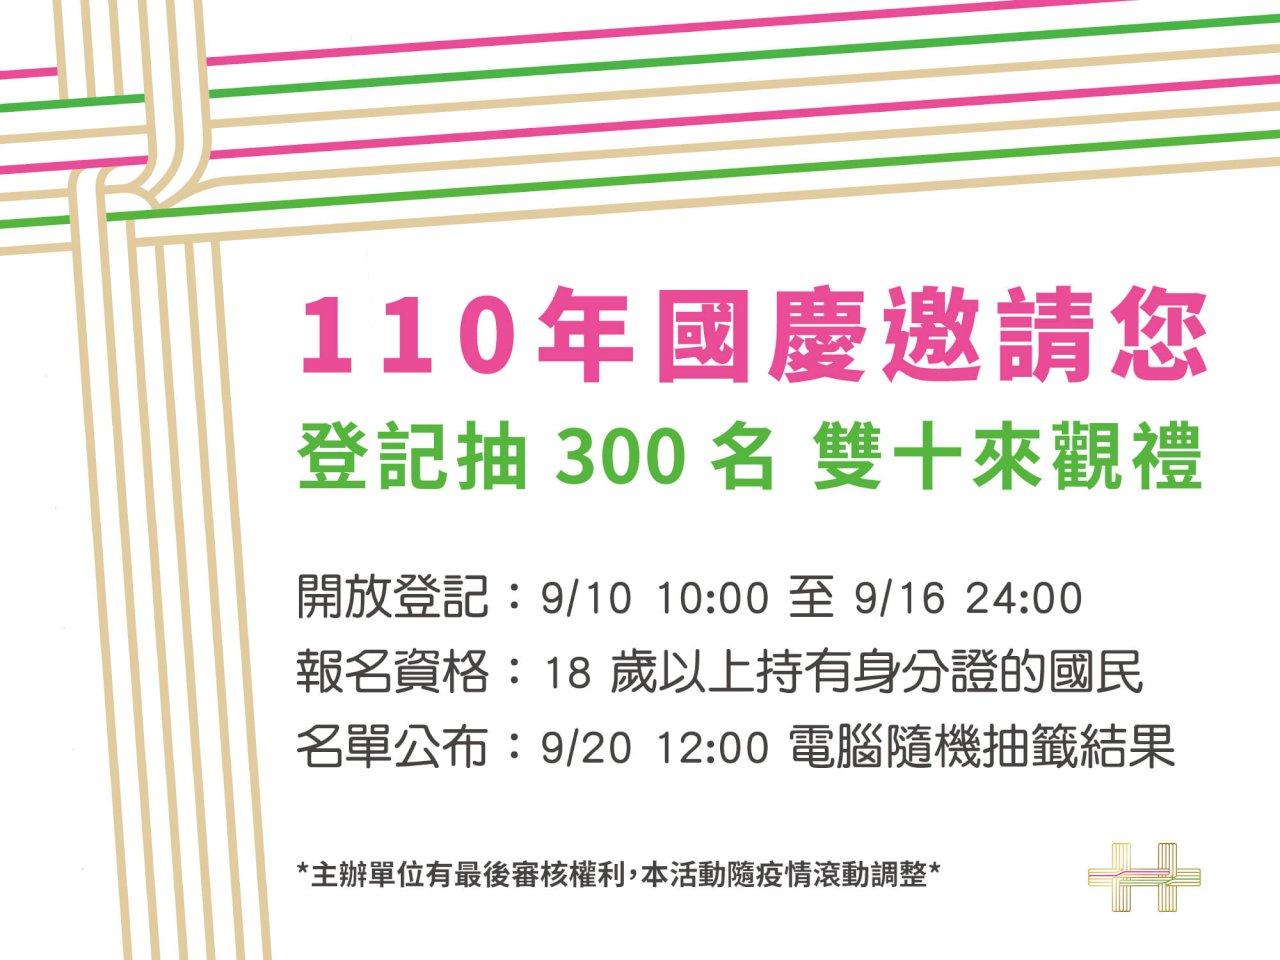 國慶大會邀民眾觀禮限300人 即起開放報名